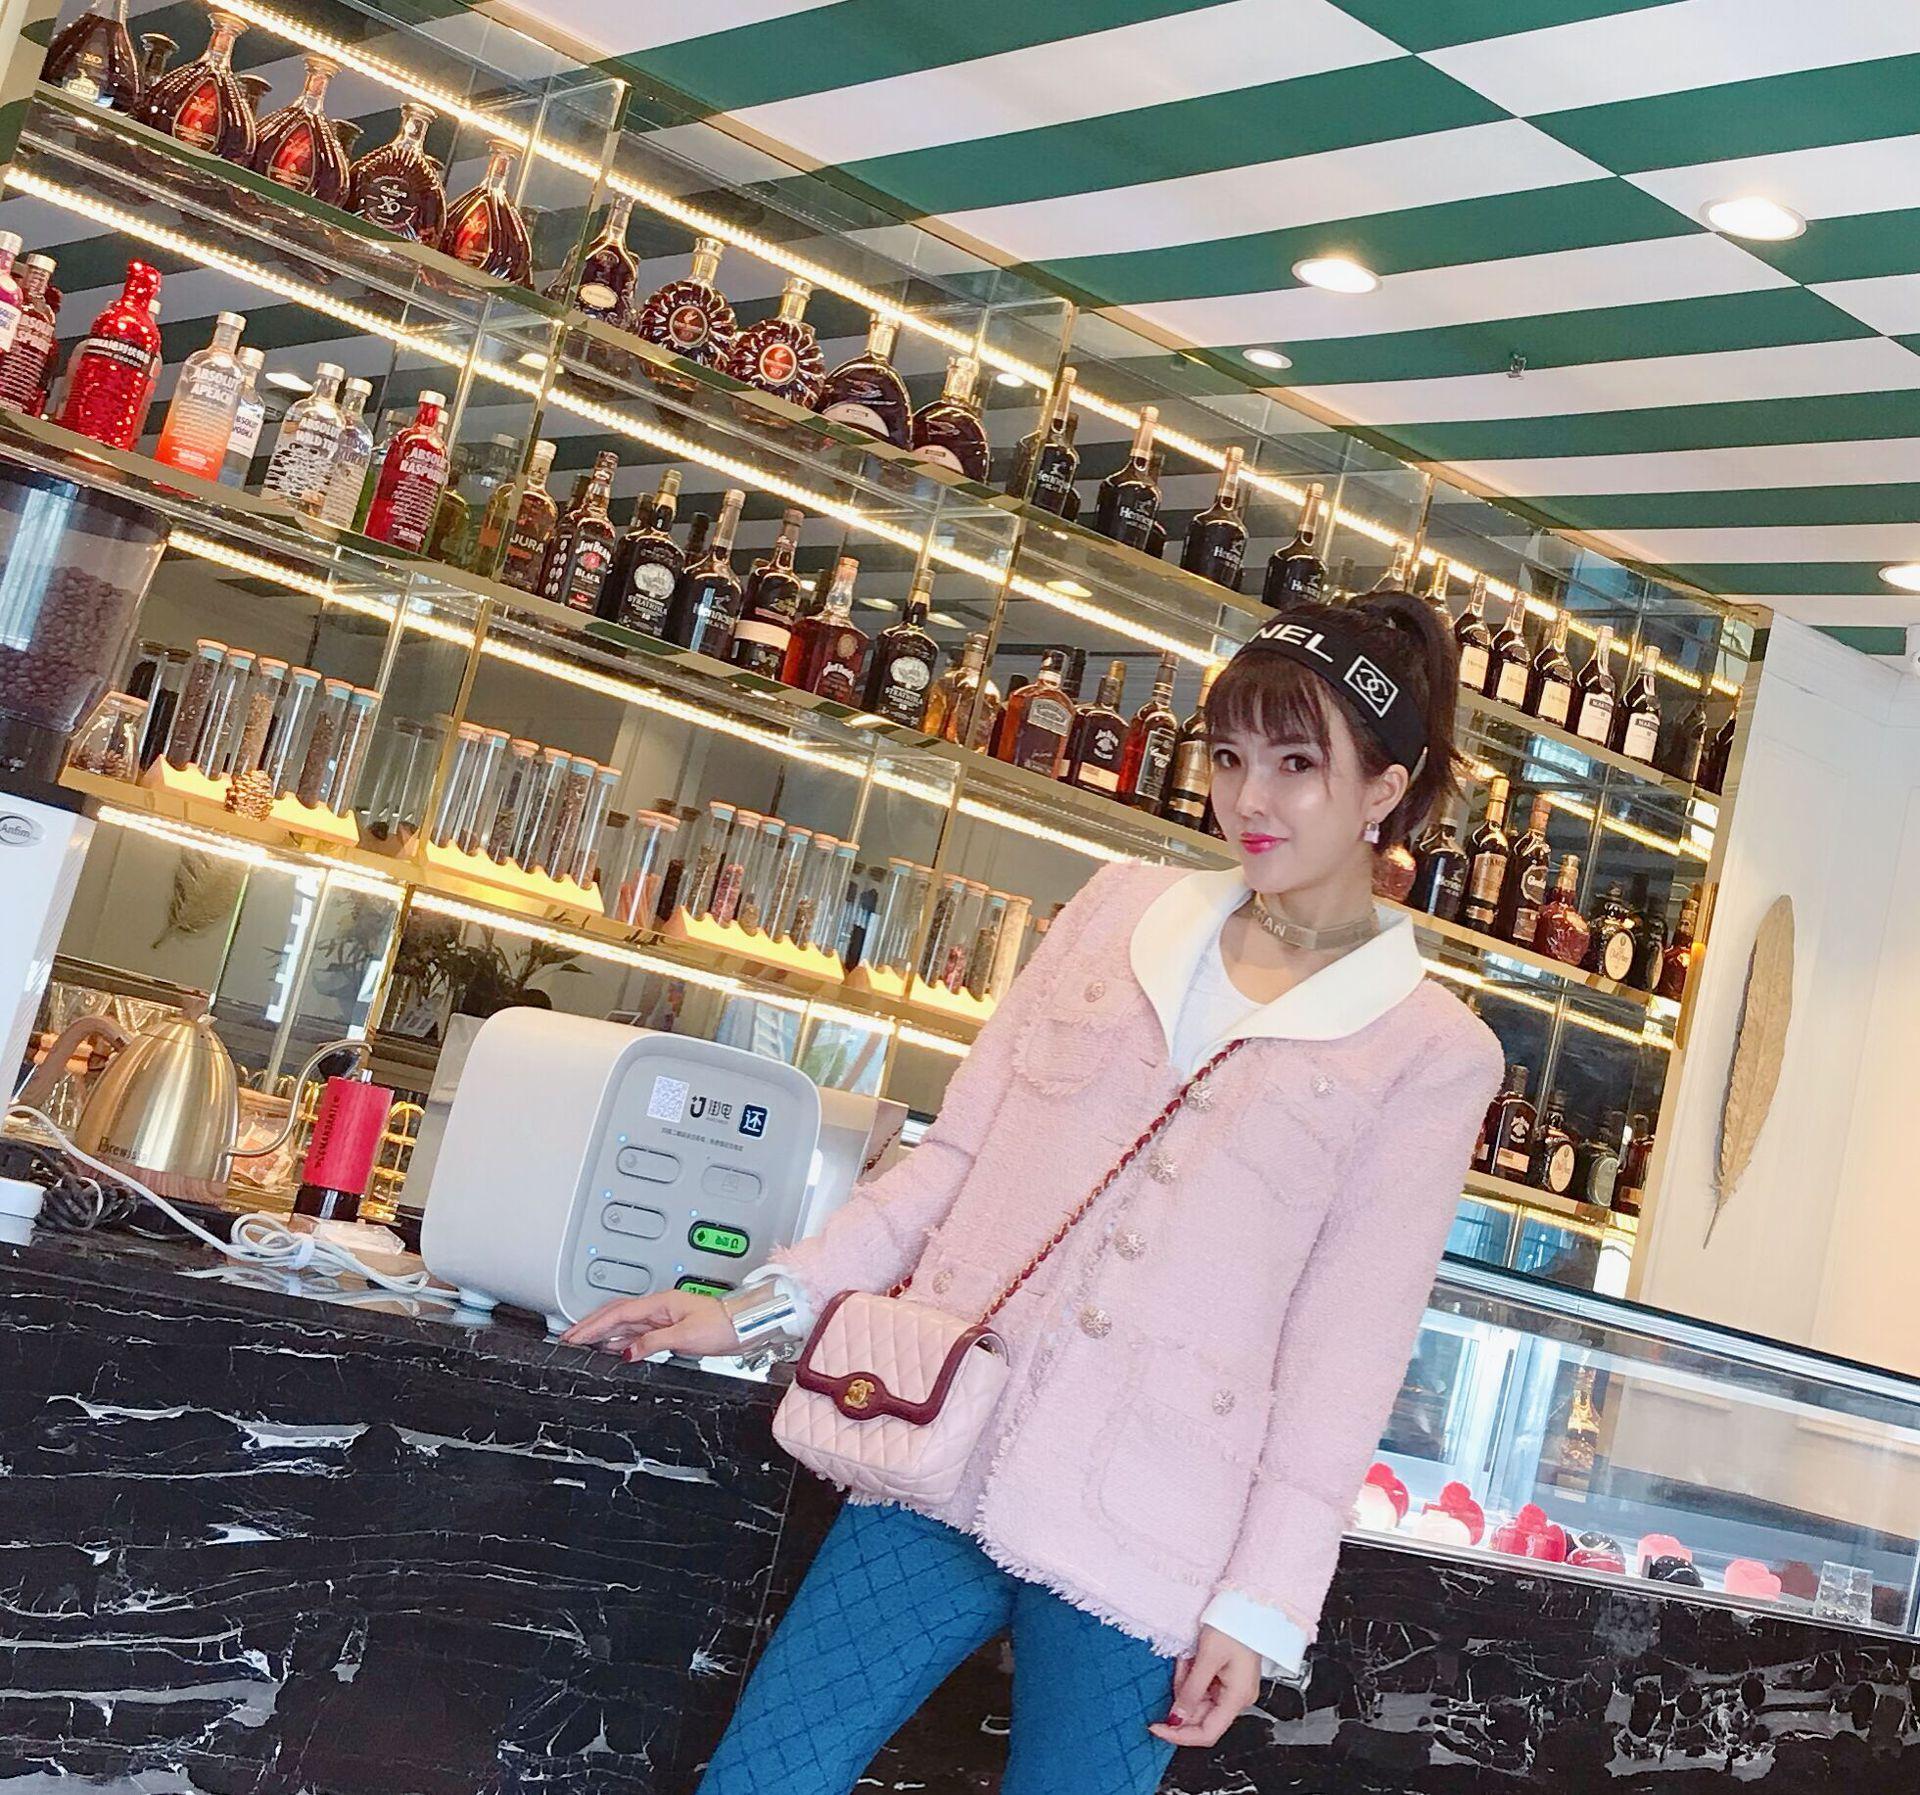 Áo khoác len hồng cổ rộng cho nữ